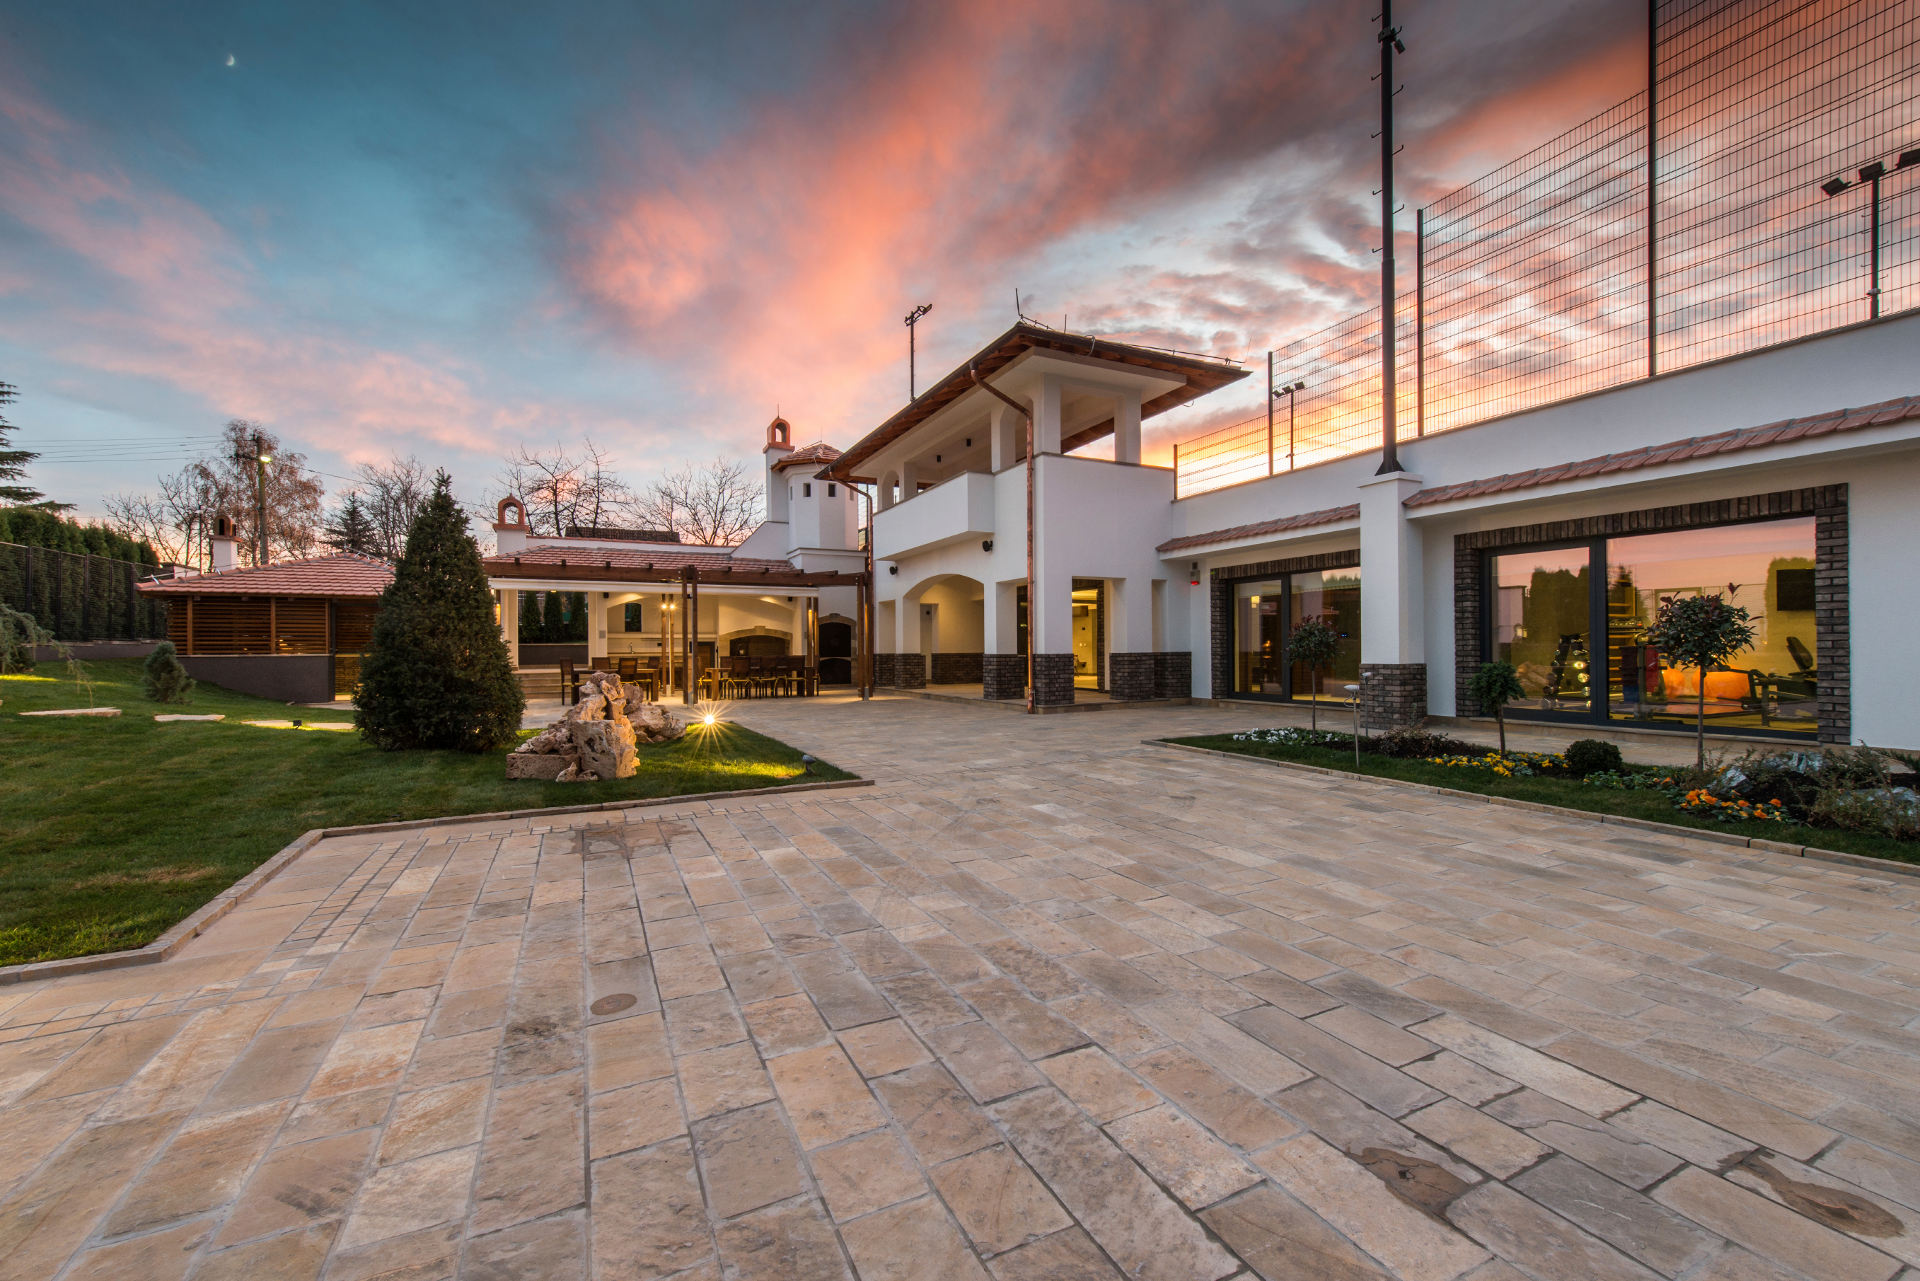 Eierskifterapport bilde av villa i solnedgang